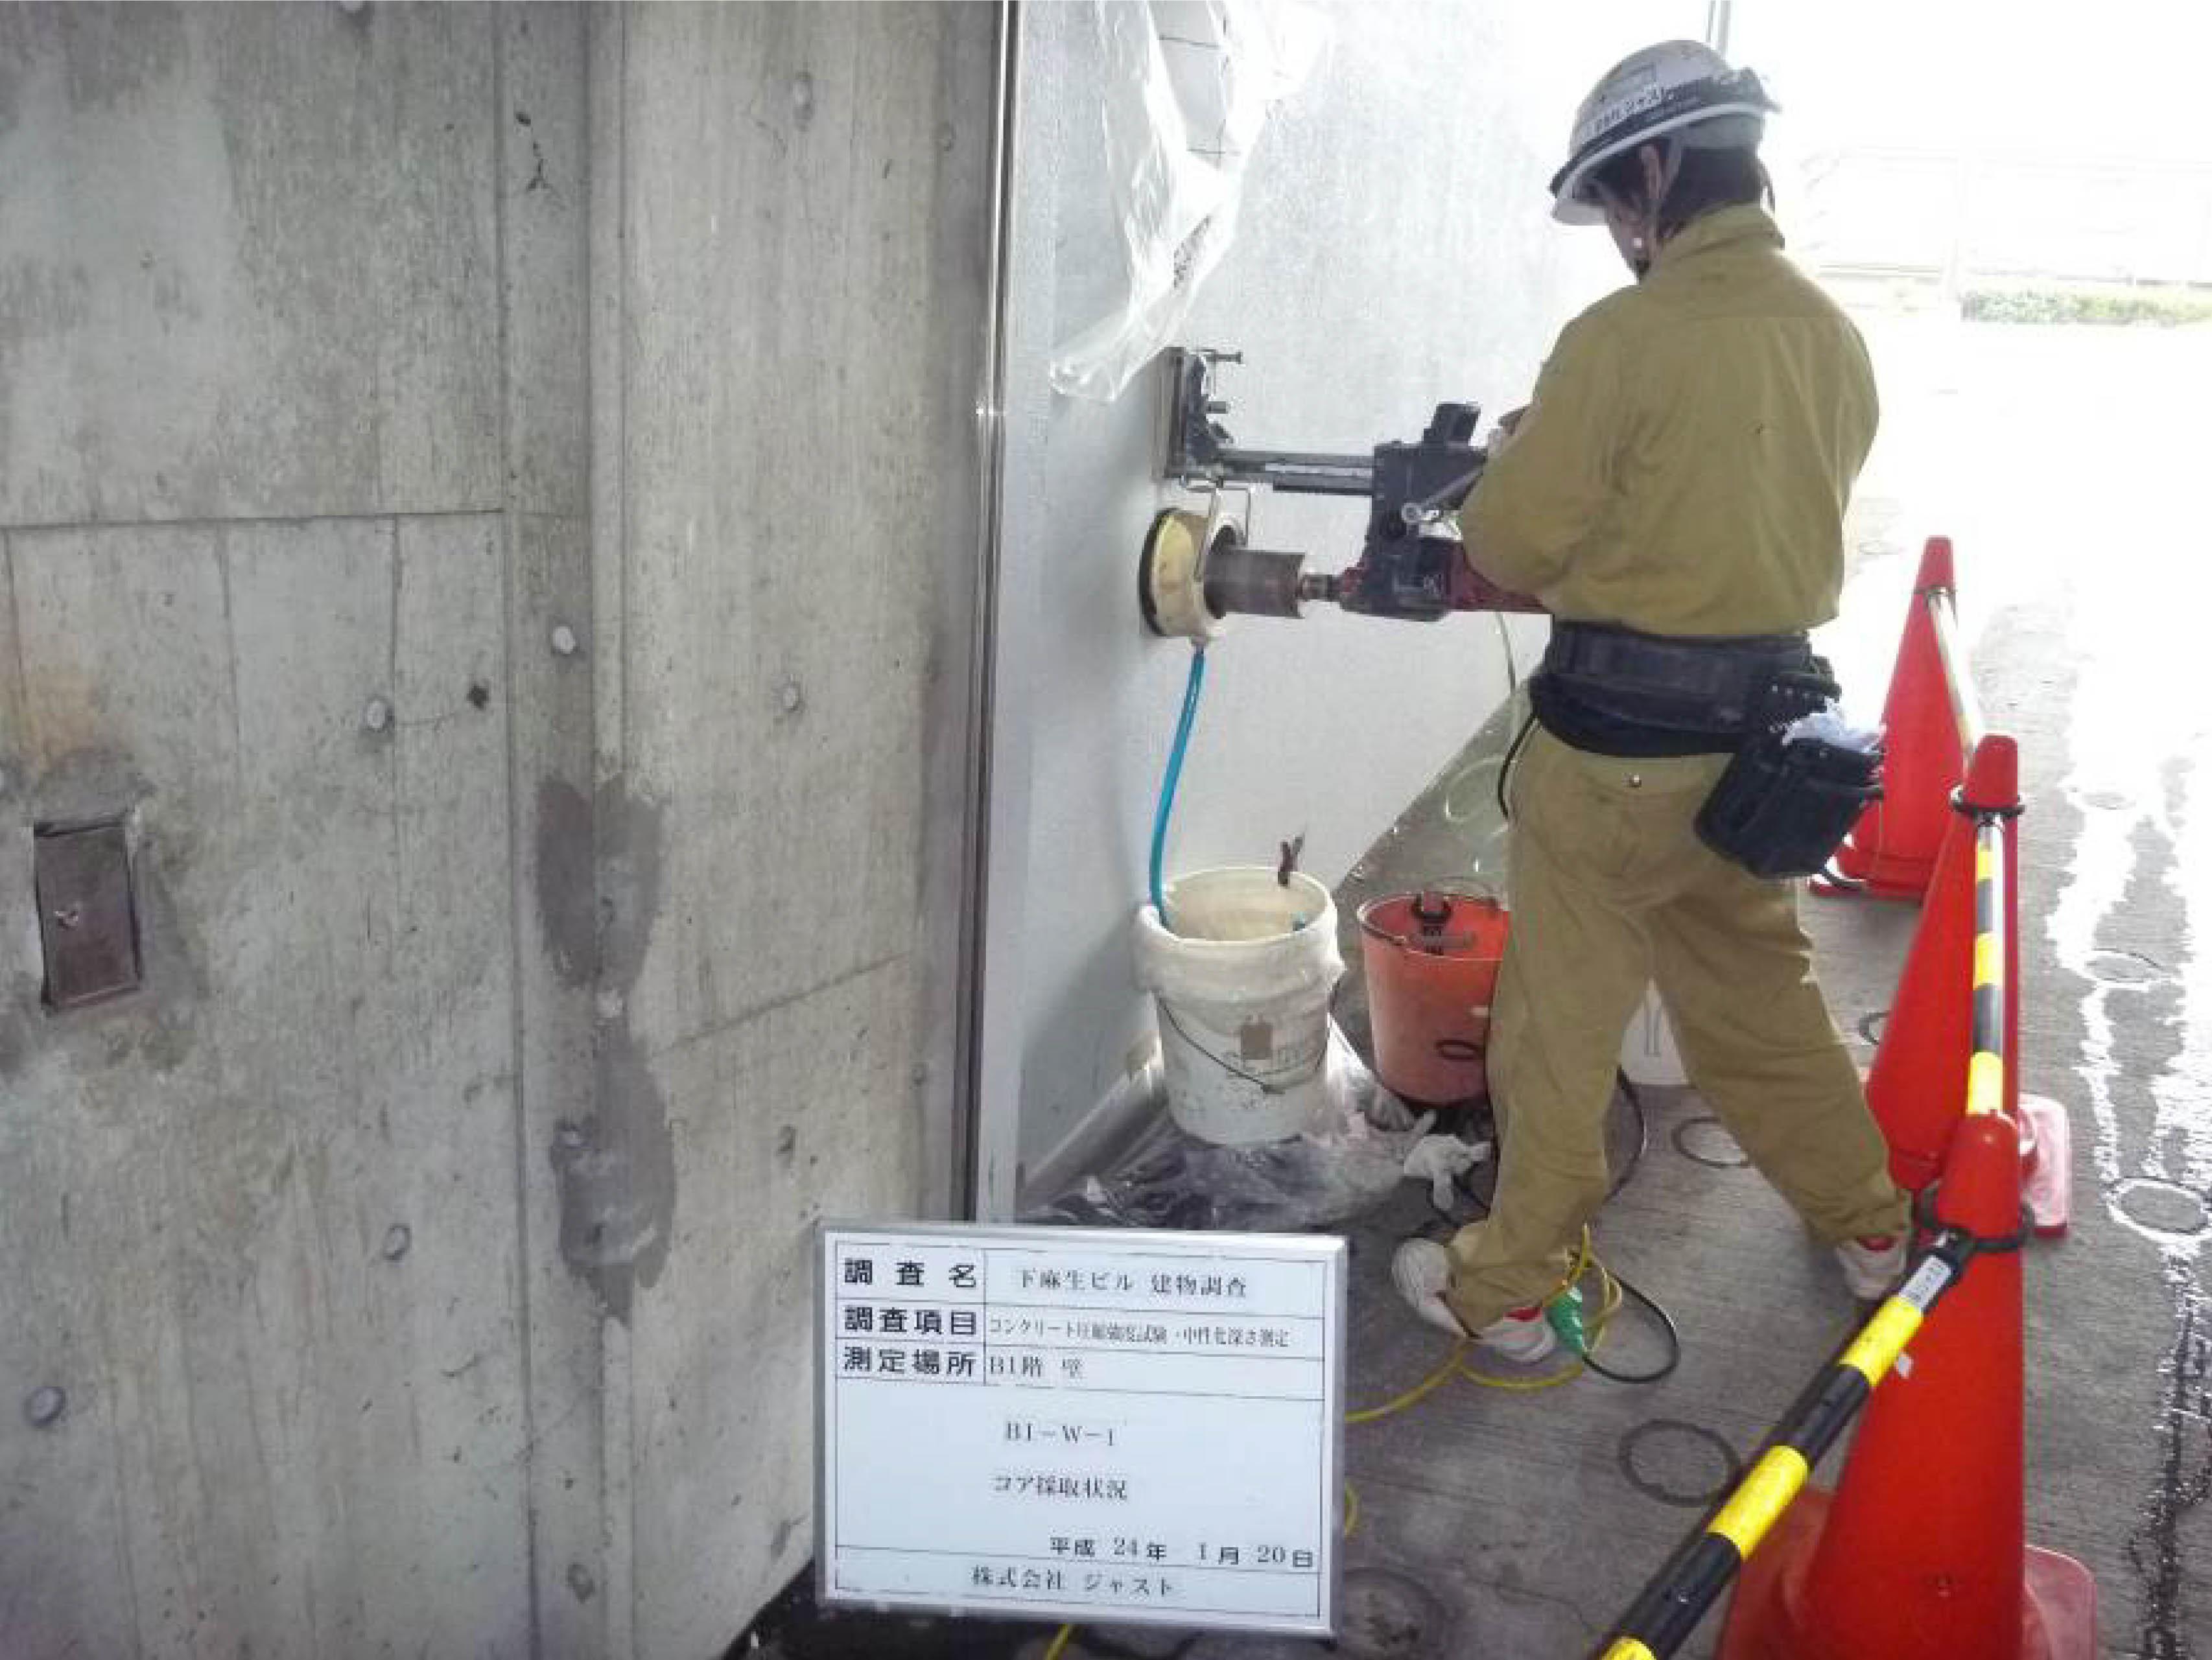 用途変更の際にコンクリート強度試験の準備としてコア抜きを行っている現場写真